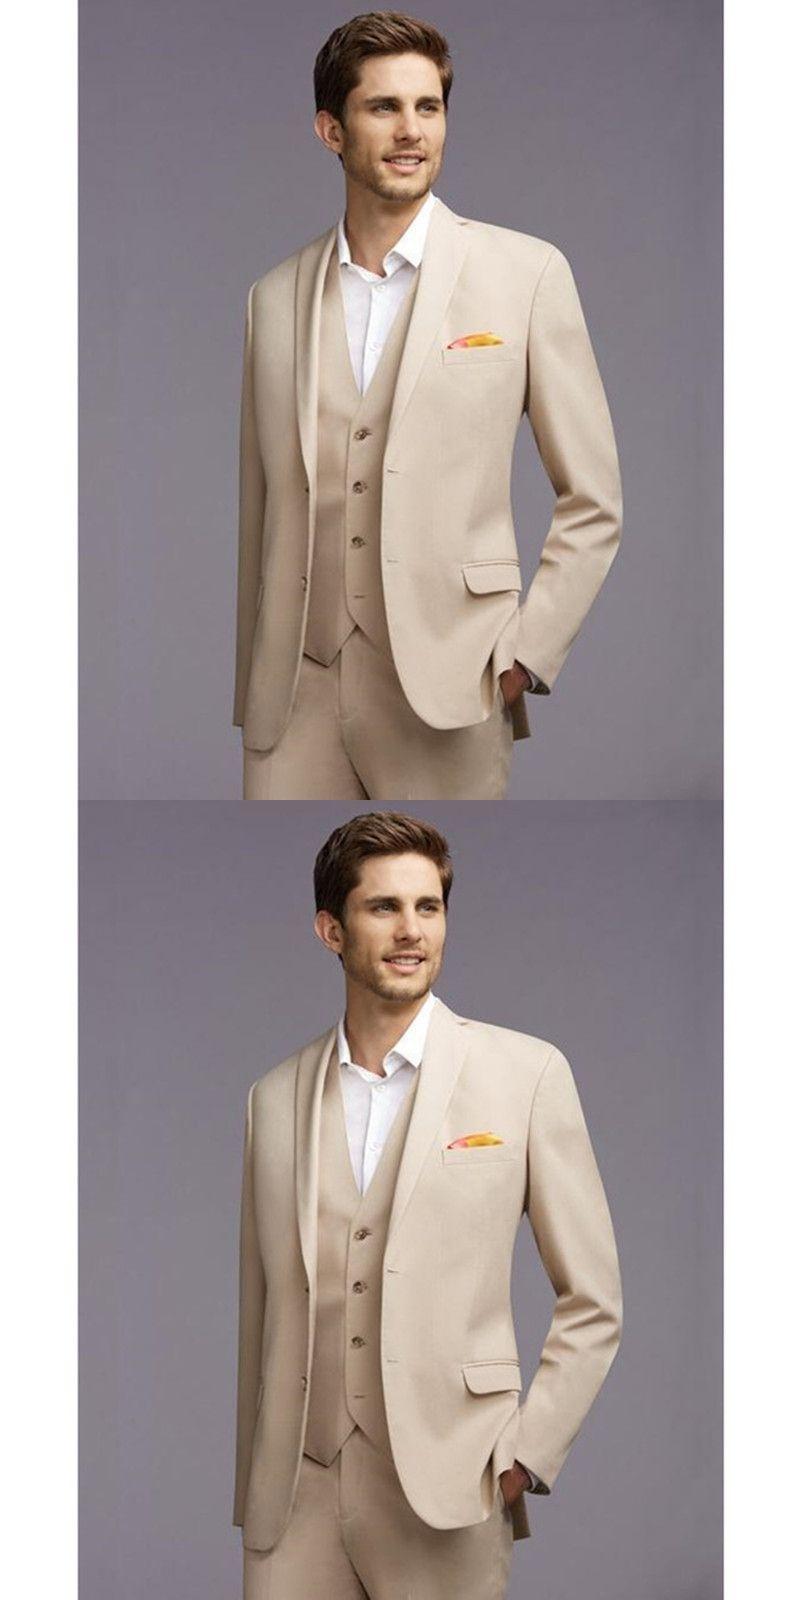 Men Suits Beige Wedding Suits For Men Notched Lapel Grooms Tuxedos ...